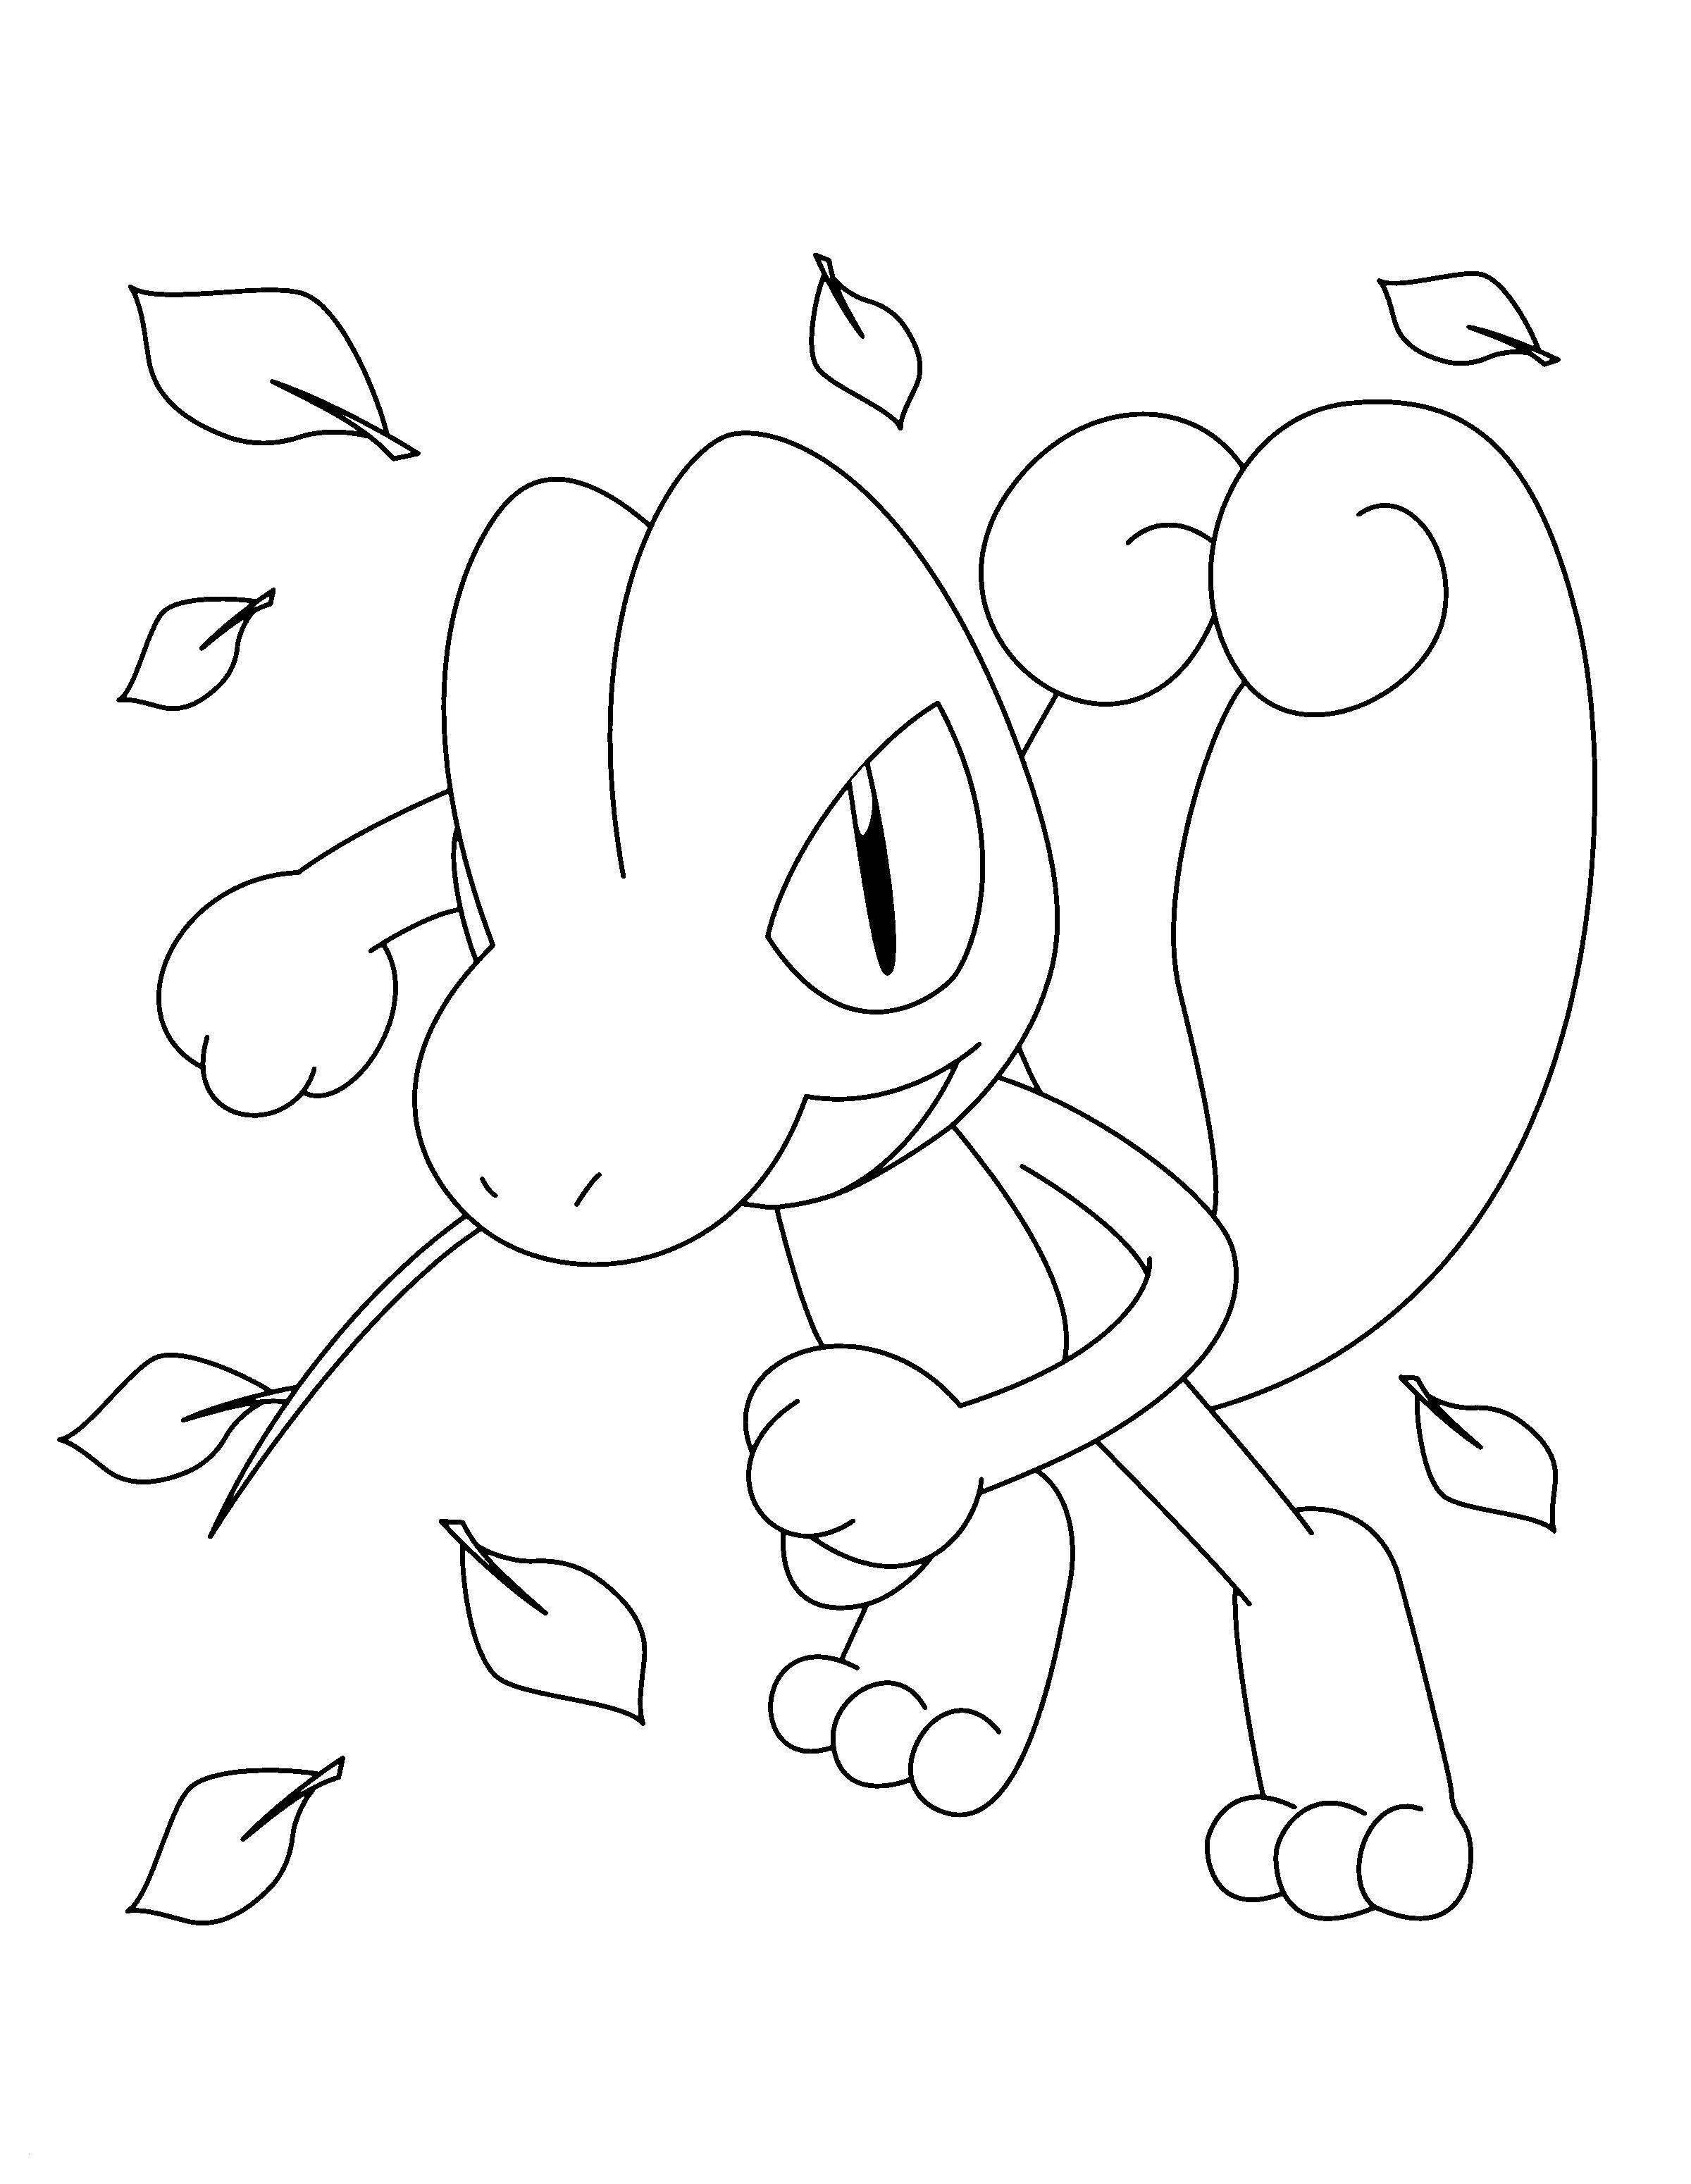 Ausmalbilder Pokemon Quajutsu Frisch Wunderbar Pokemon Ausmalbilder Mega Glurak X Glurak Stock